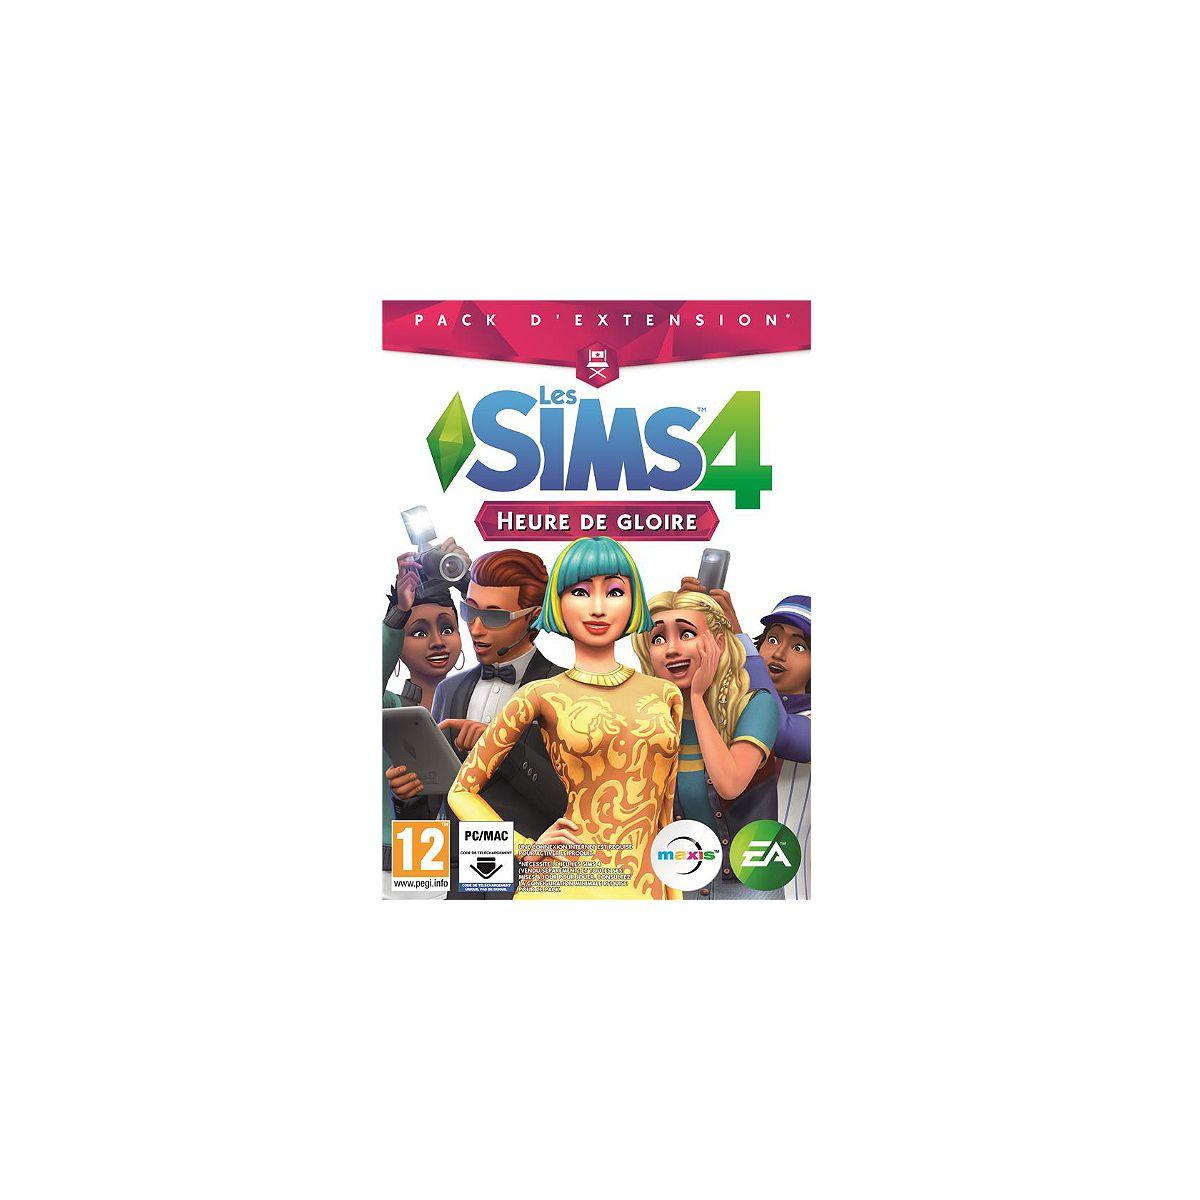 Jeu PC ELECTRONIC ARTS Sims 4 Heure de Gloire Bundle (photo)